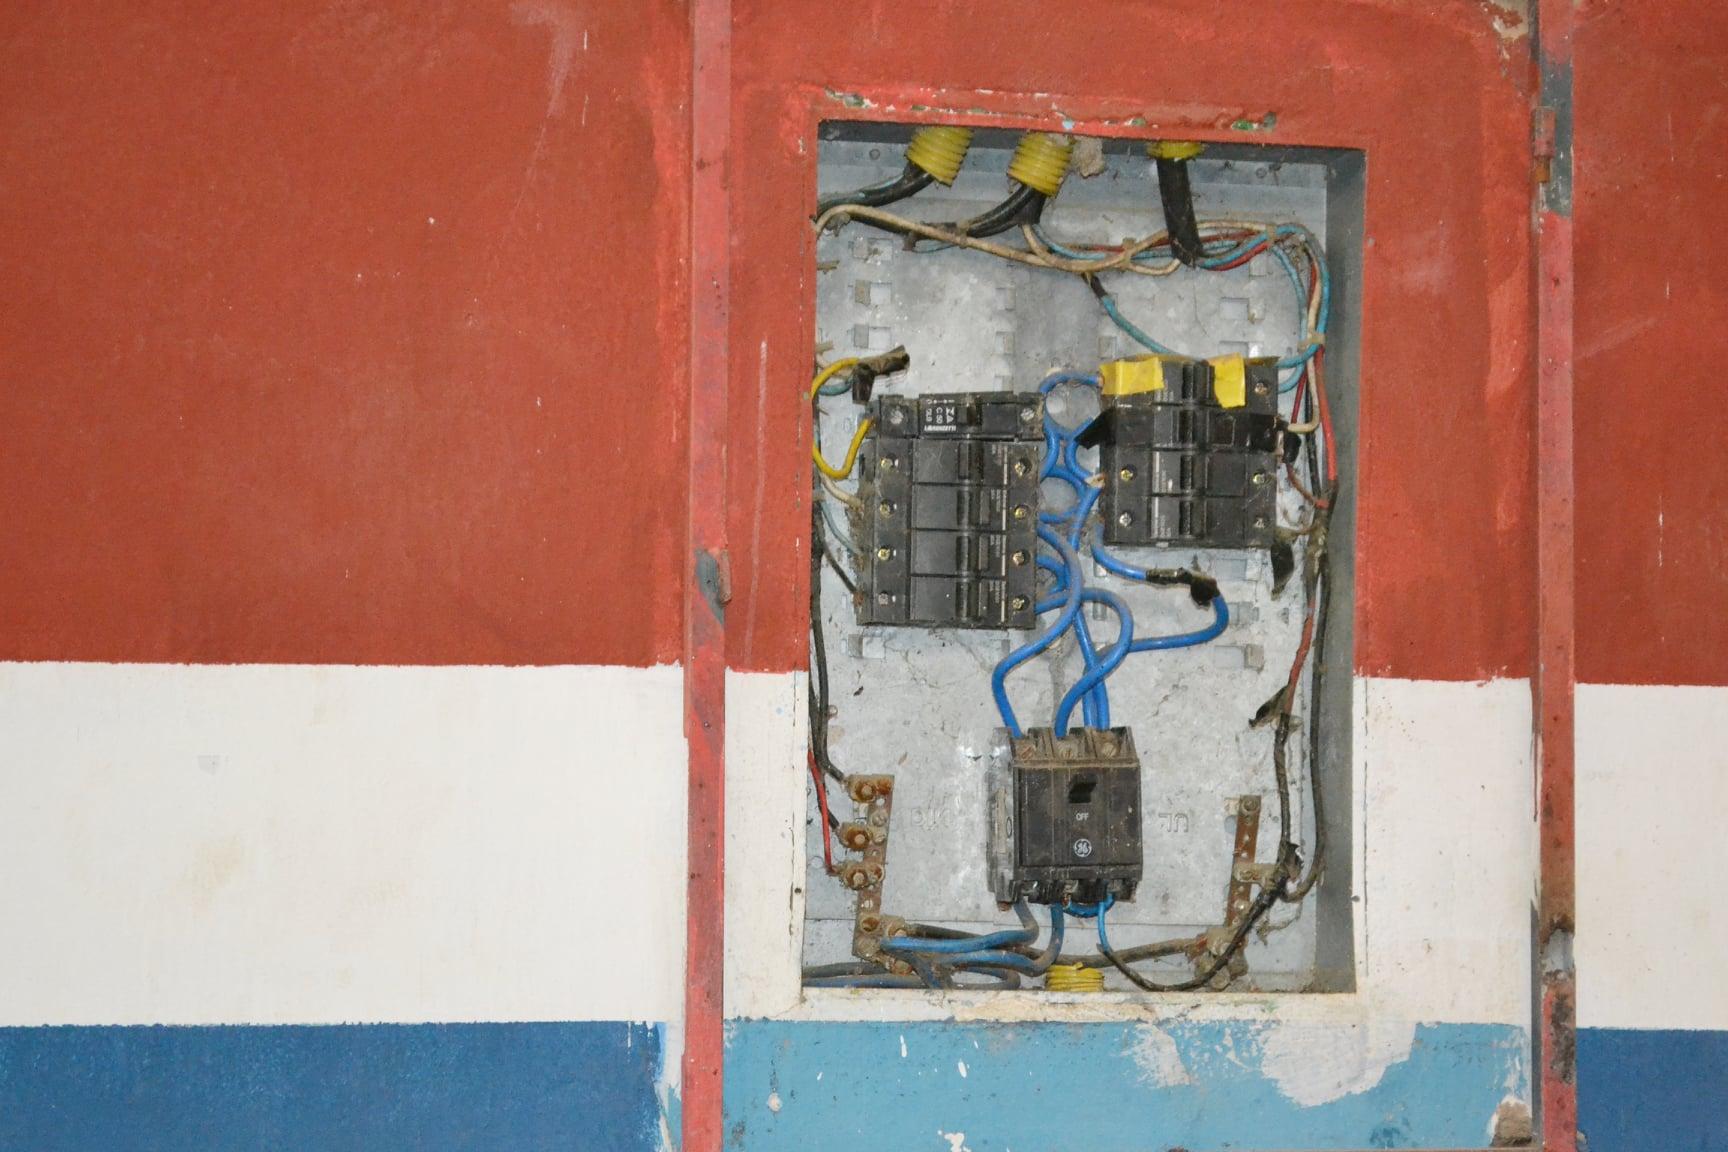 Ginásio de Guaratinga é interditado por corrosão na estrutura metálica 32